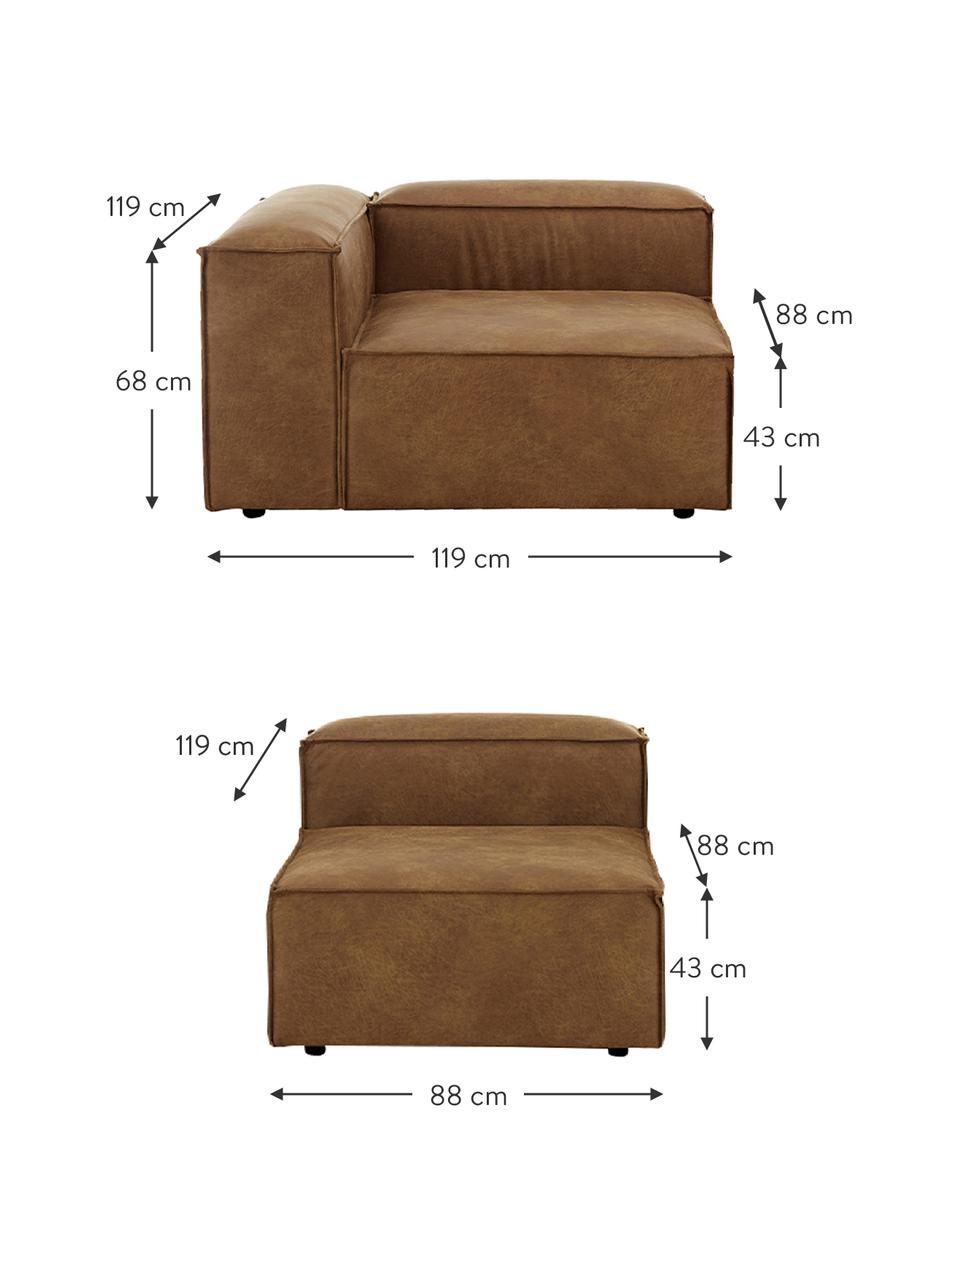 Modulares Sofa Lennon (4-Sitzer) in Braun aus recyceltem Leder, Bezug: Recyceltes Leder (70% Led, Gestell: Massives Kiefernholz, Spe, Füße: Kunststoff Die Füße befin, Leder Braun, B 327 x T 119 cm